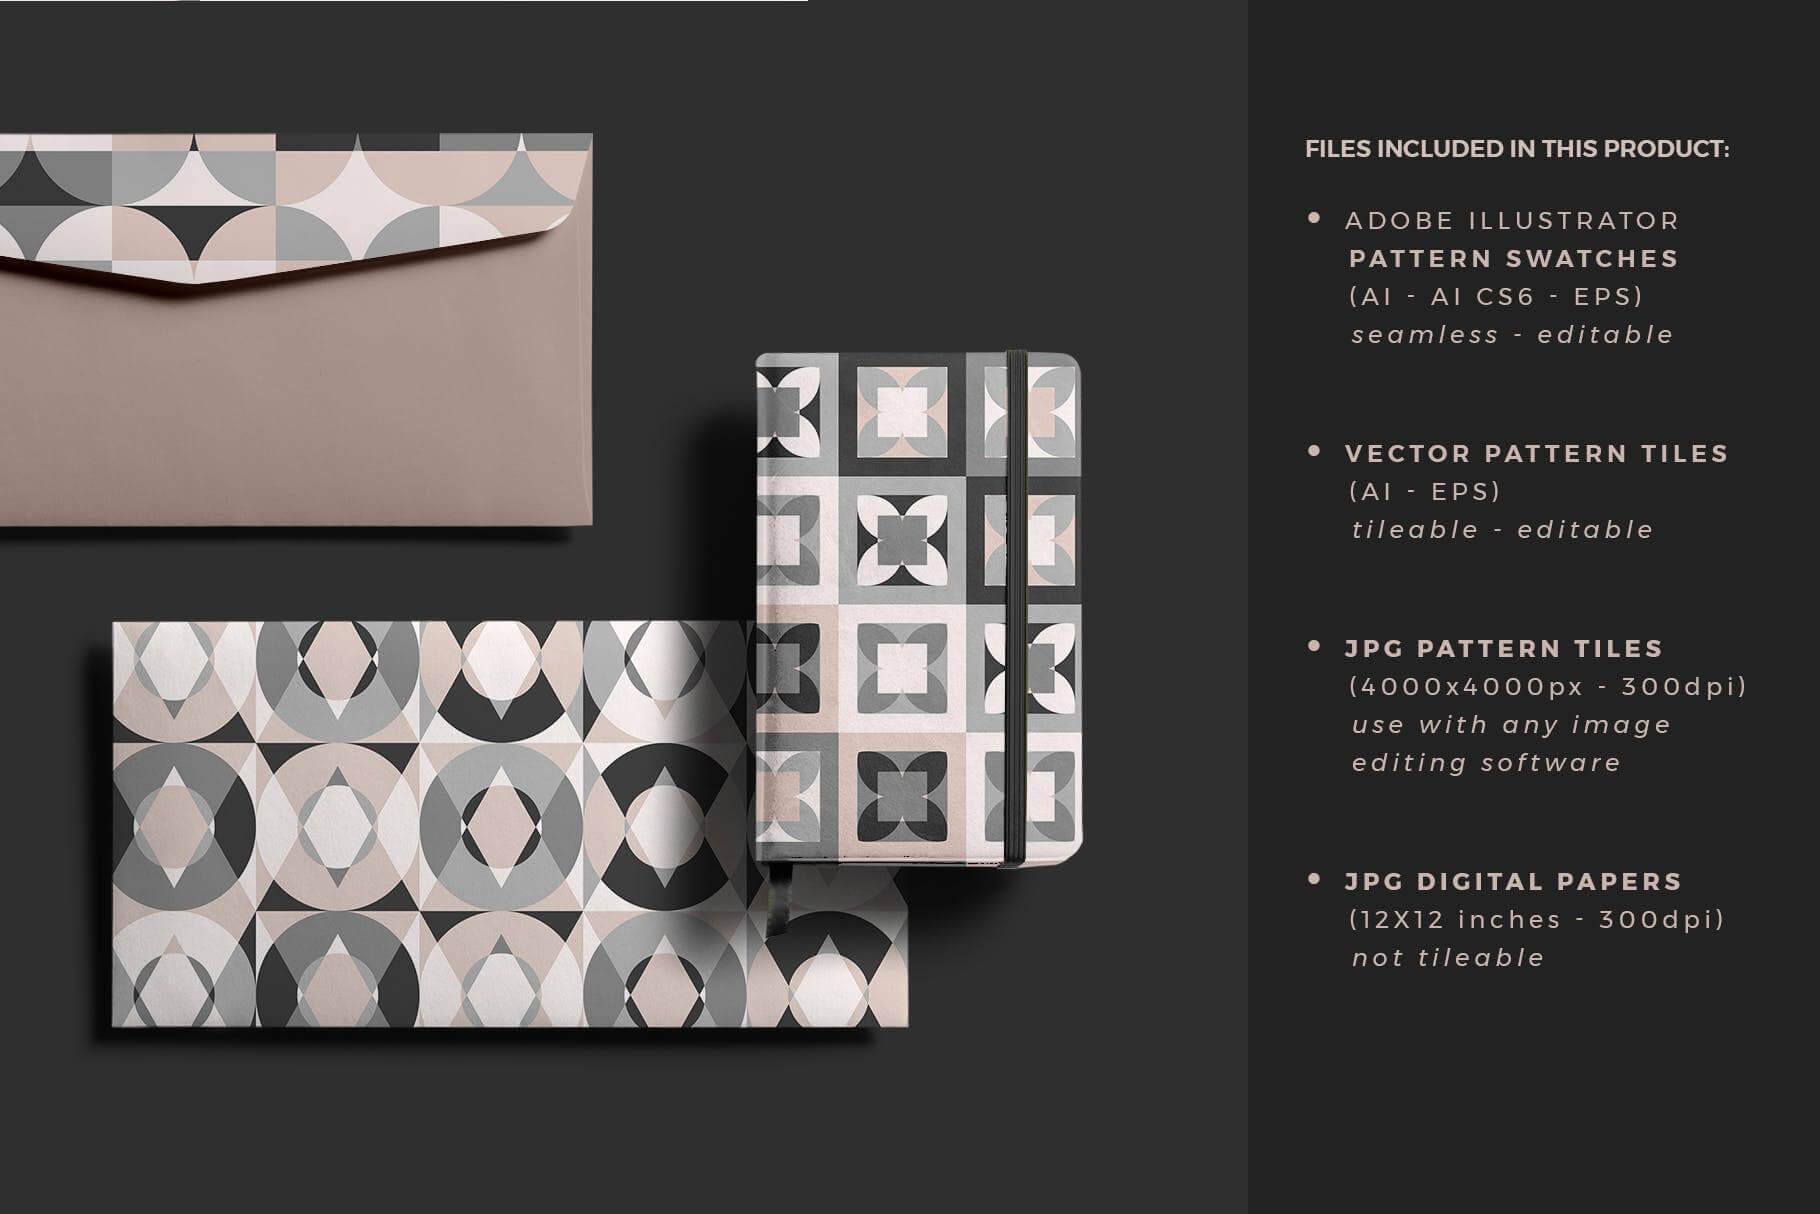 布艺面料装饰纹理图案花纹品牌辅助图形Geometric Play Patterns Tiles插图(1)